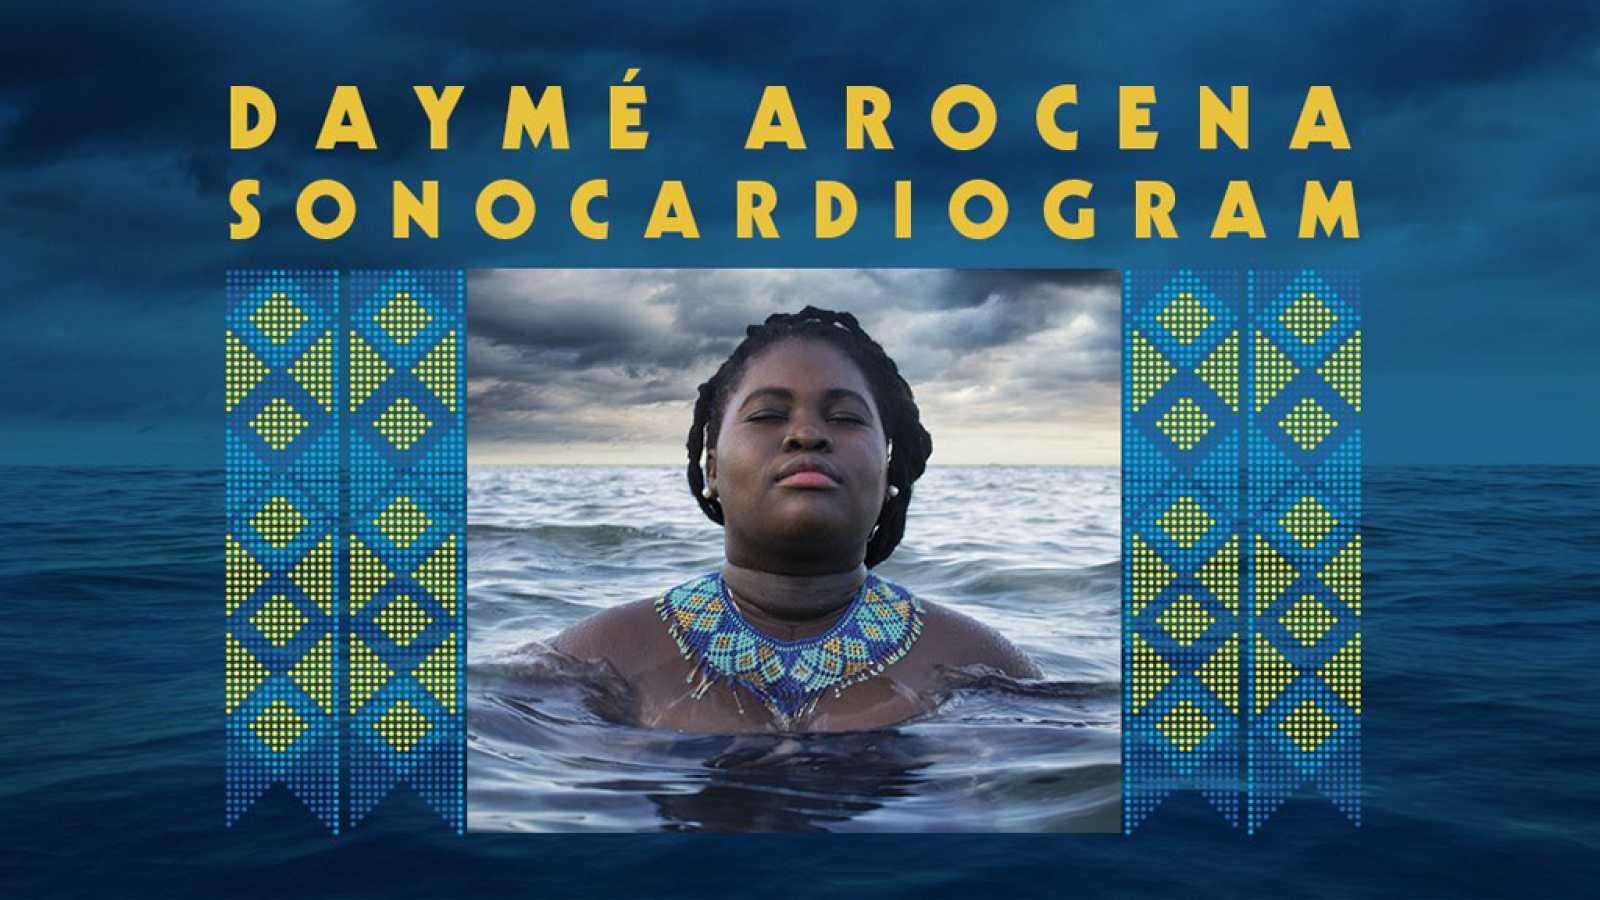 Artesfera - La cantante cubana Daymé Arocena nos presenta su nuevo disco 'Sonorocardiogram' - 04/10/19 - escuchar ahora